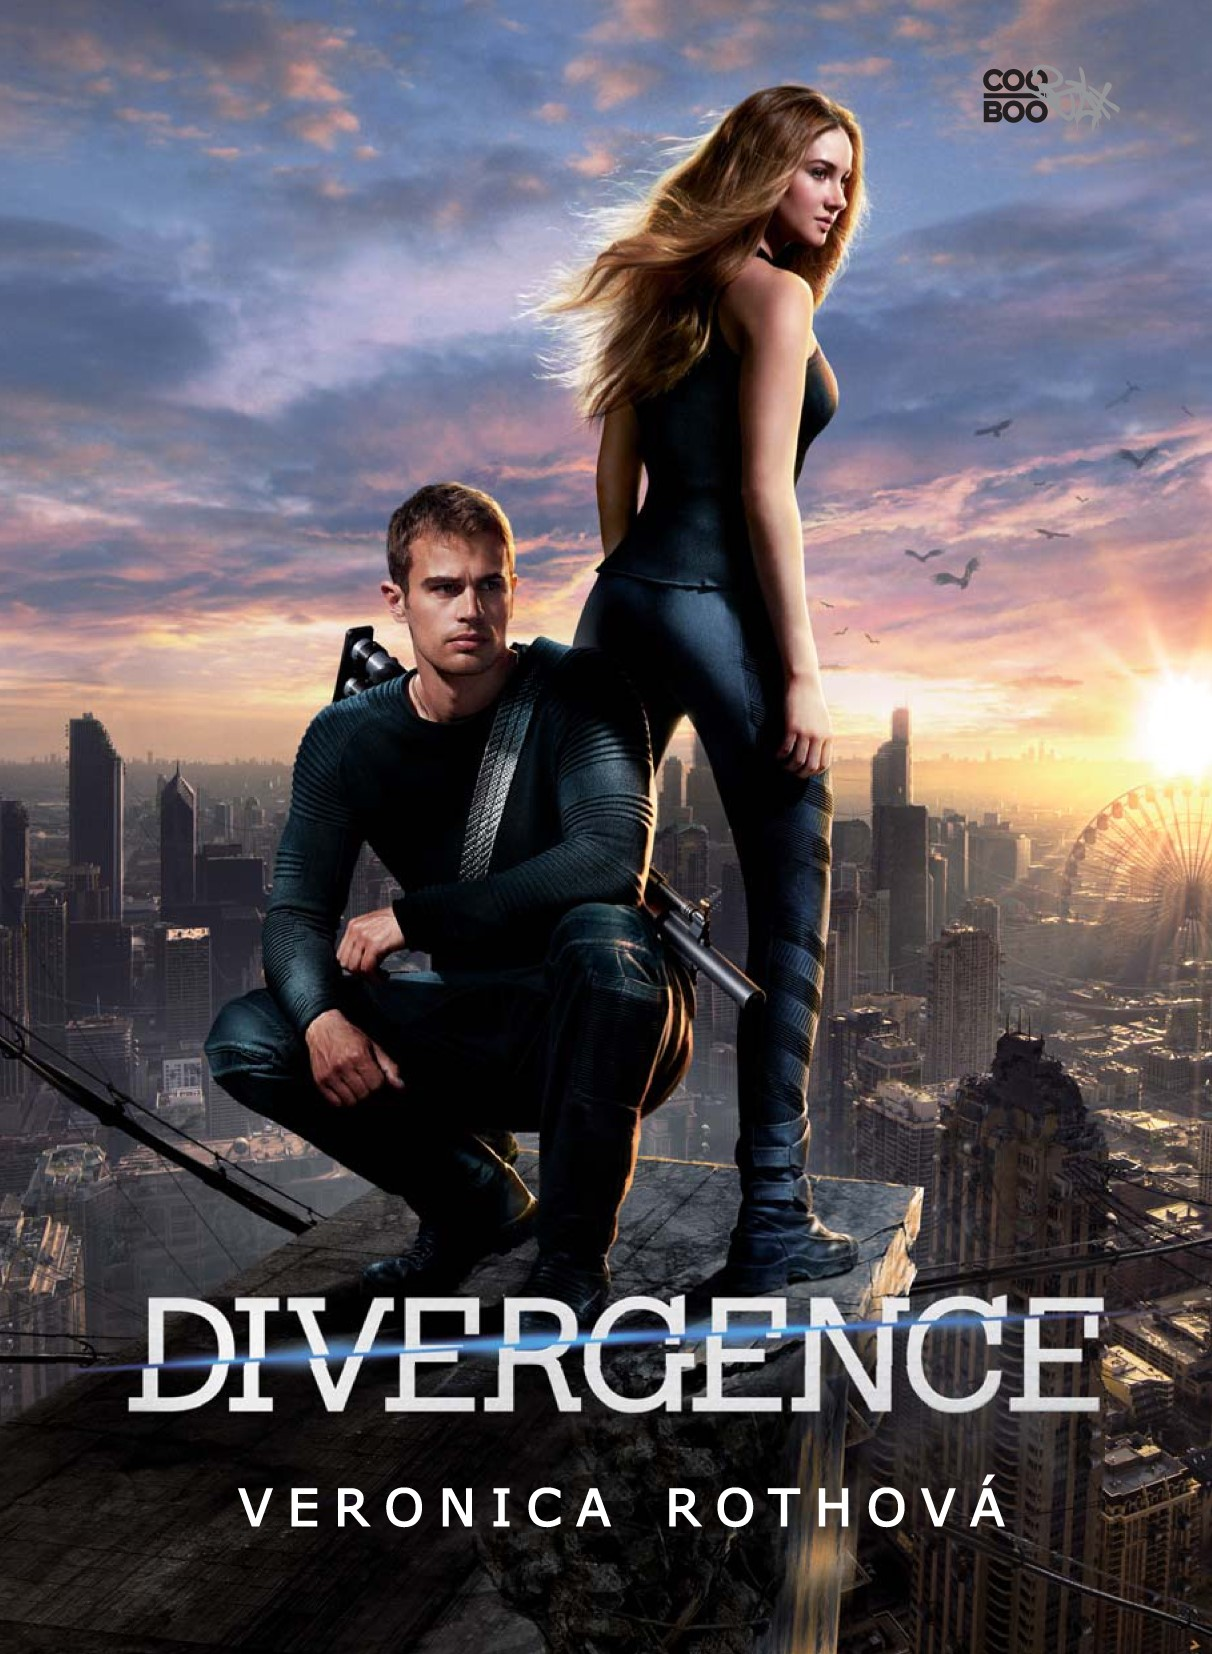 Divergence - filmové vydání   Veronica Rothová